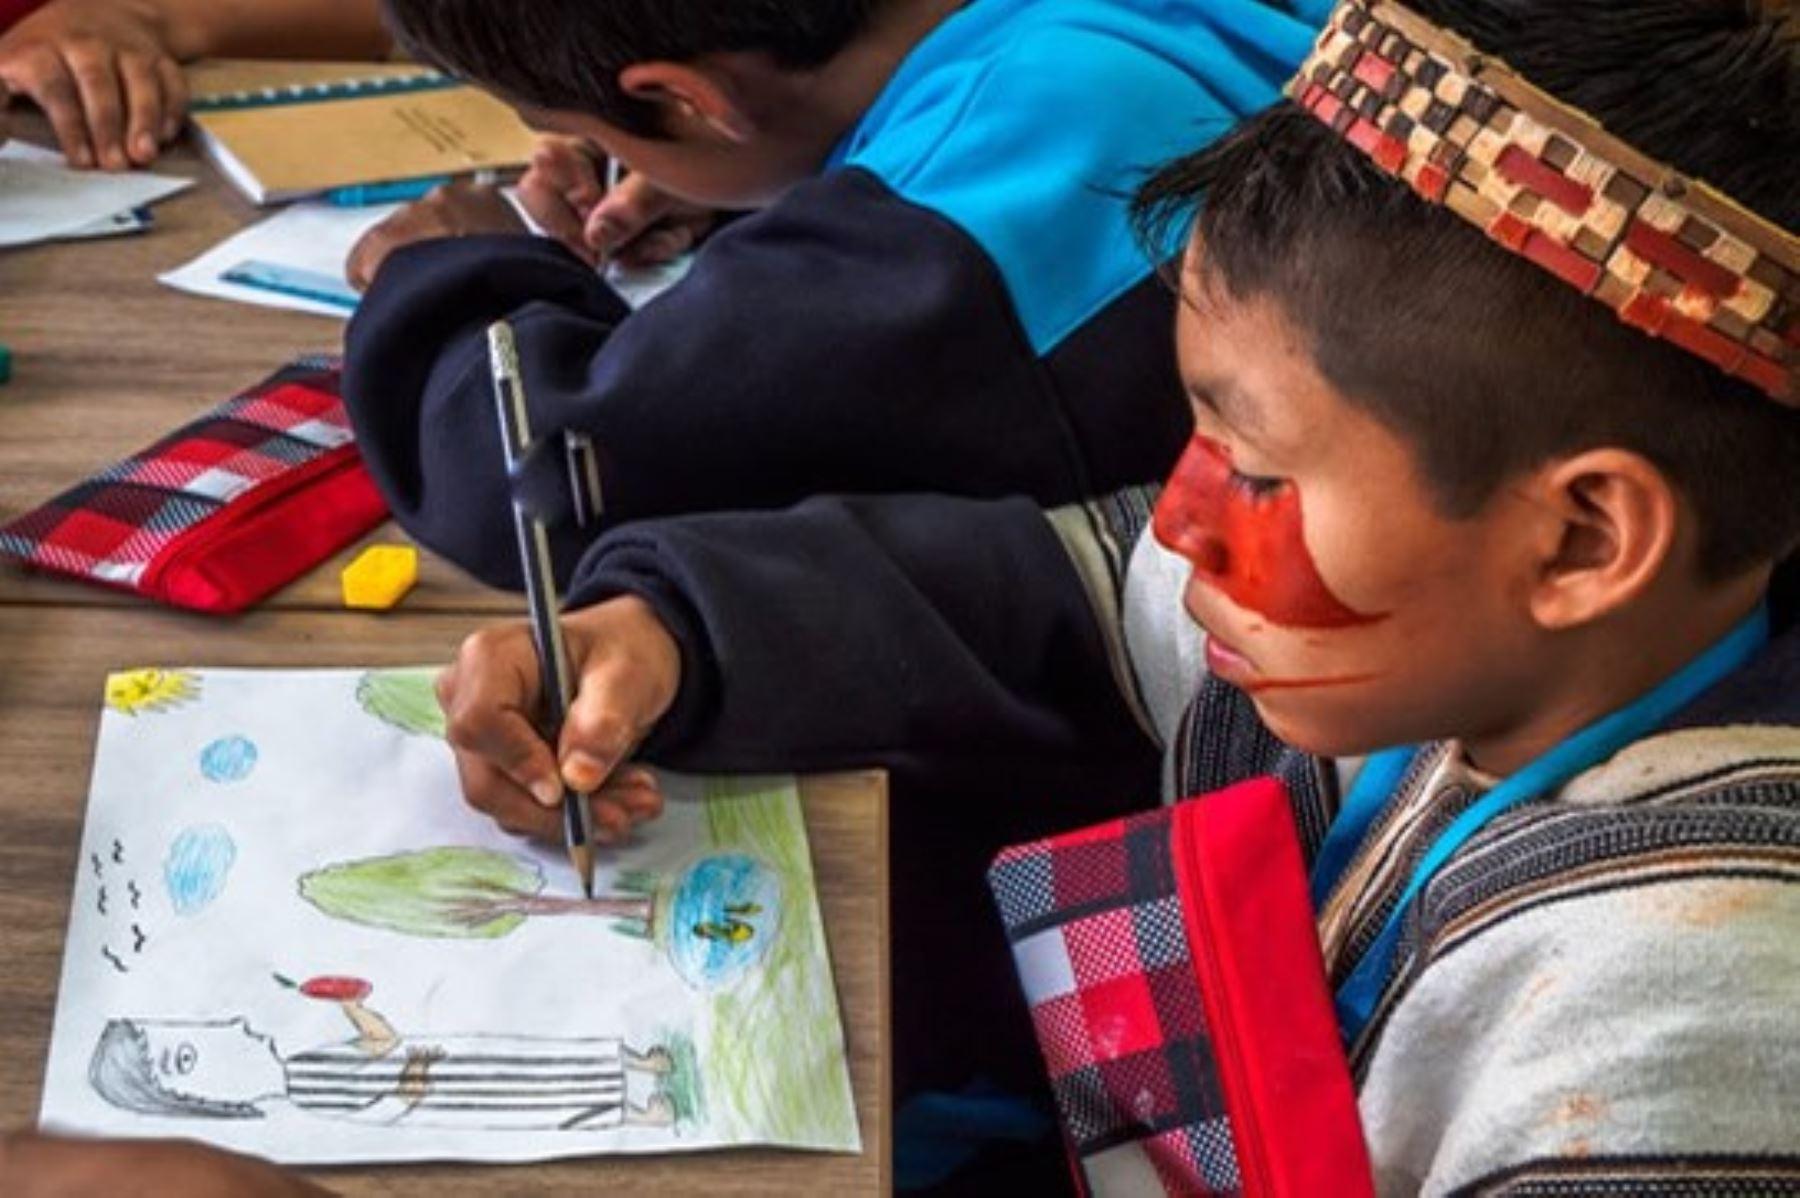 Voces del Bicentenario: Tinkuy 2021 reúne a escolares de pueblos originarios y zona rural